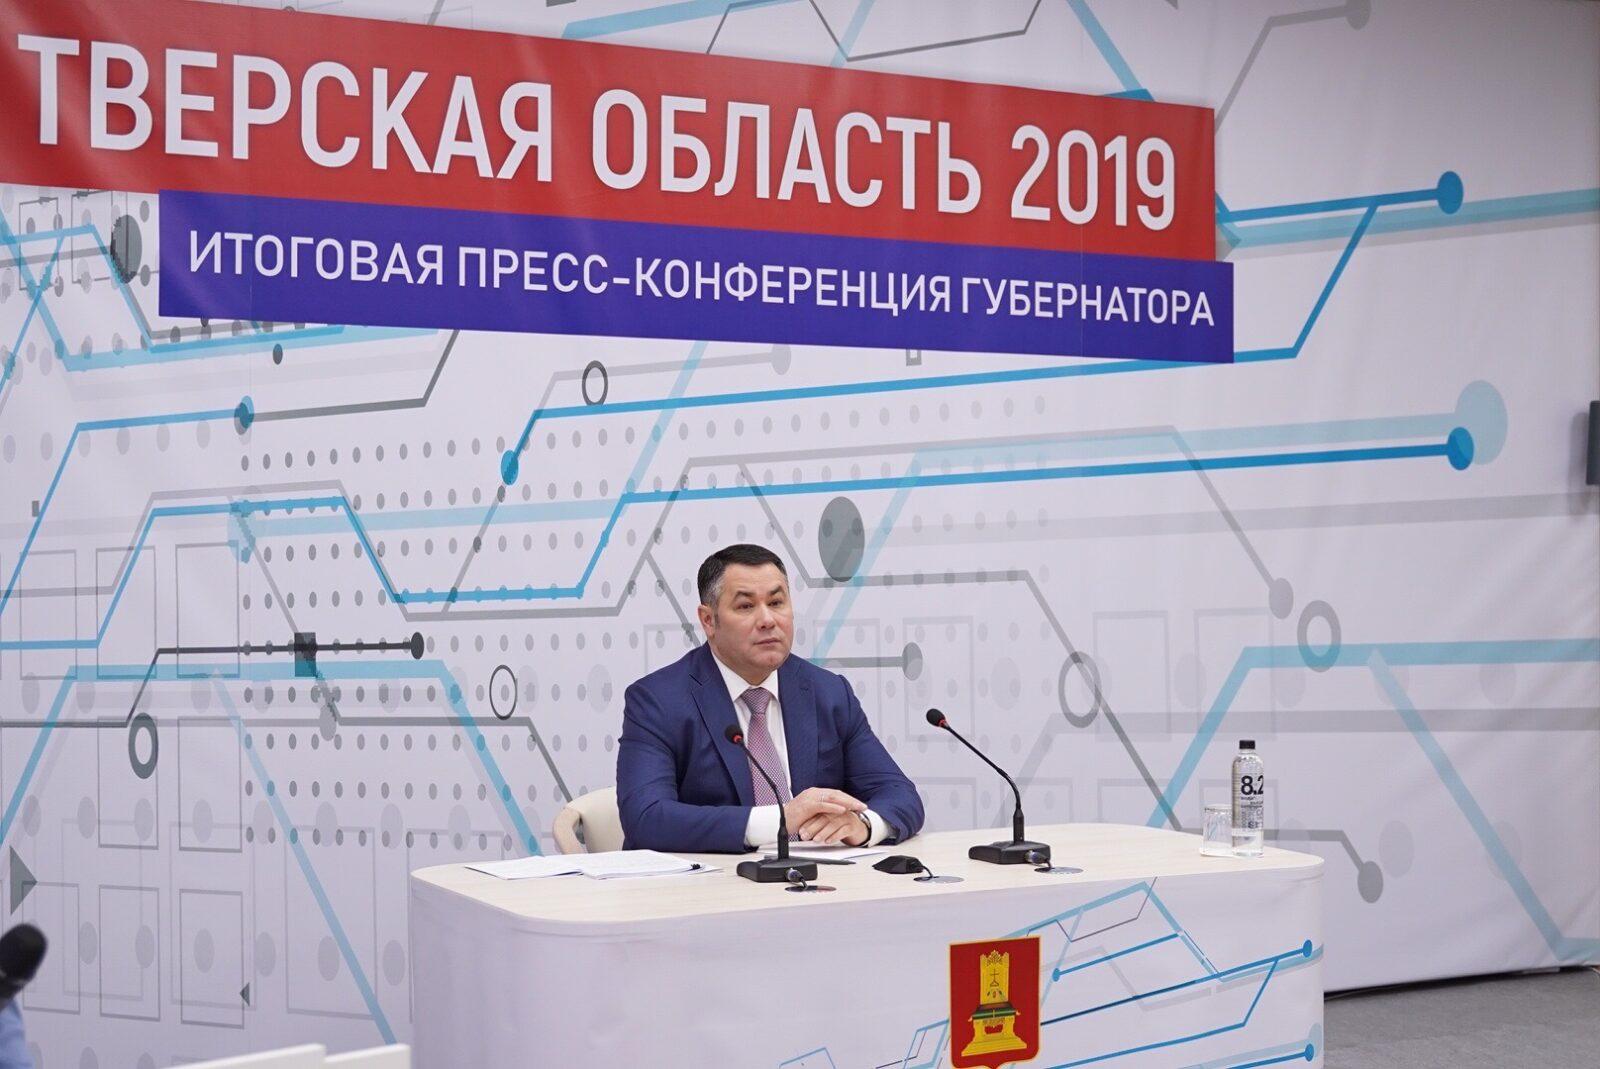 Бурашевский путепровод планируется отремонтировать до мая 2020 года